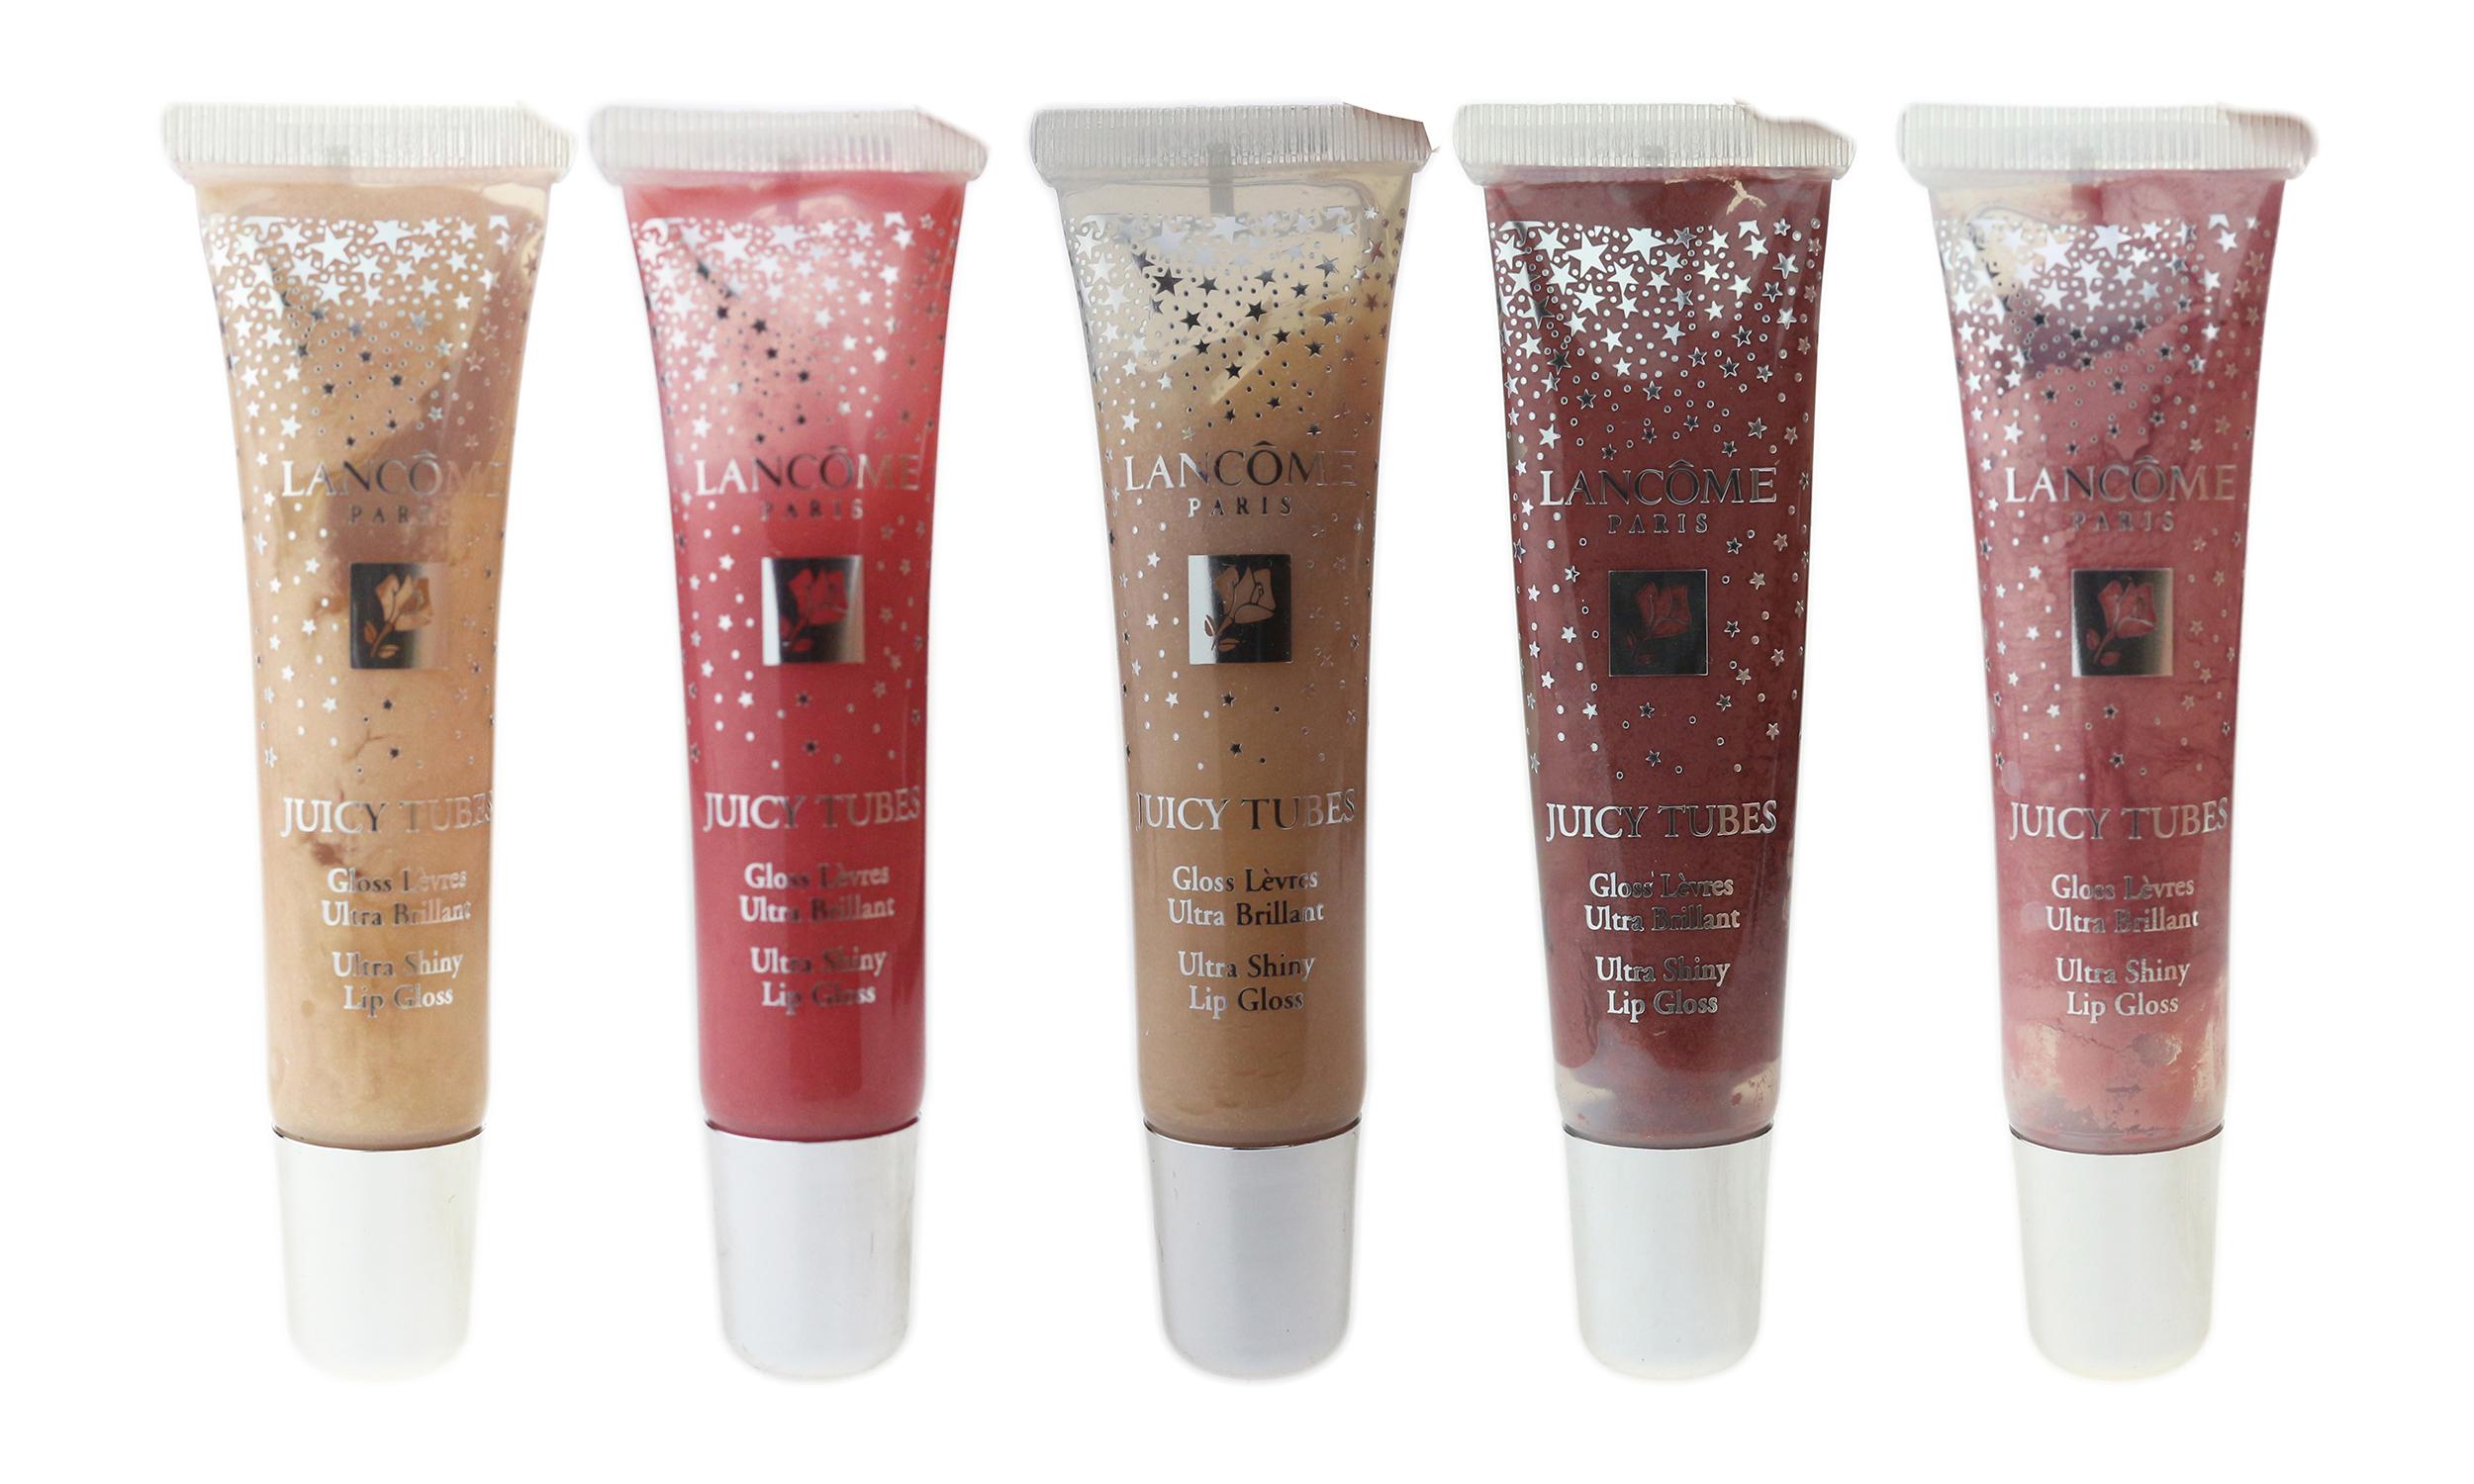 Juicy Tubes Ultra Shiny Lipgloss by Lancôme #10